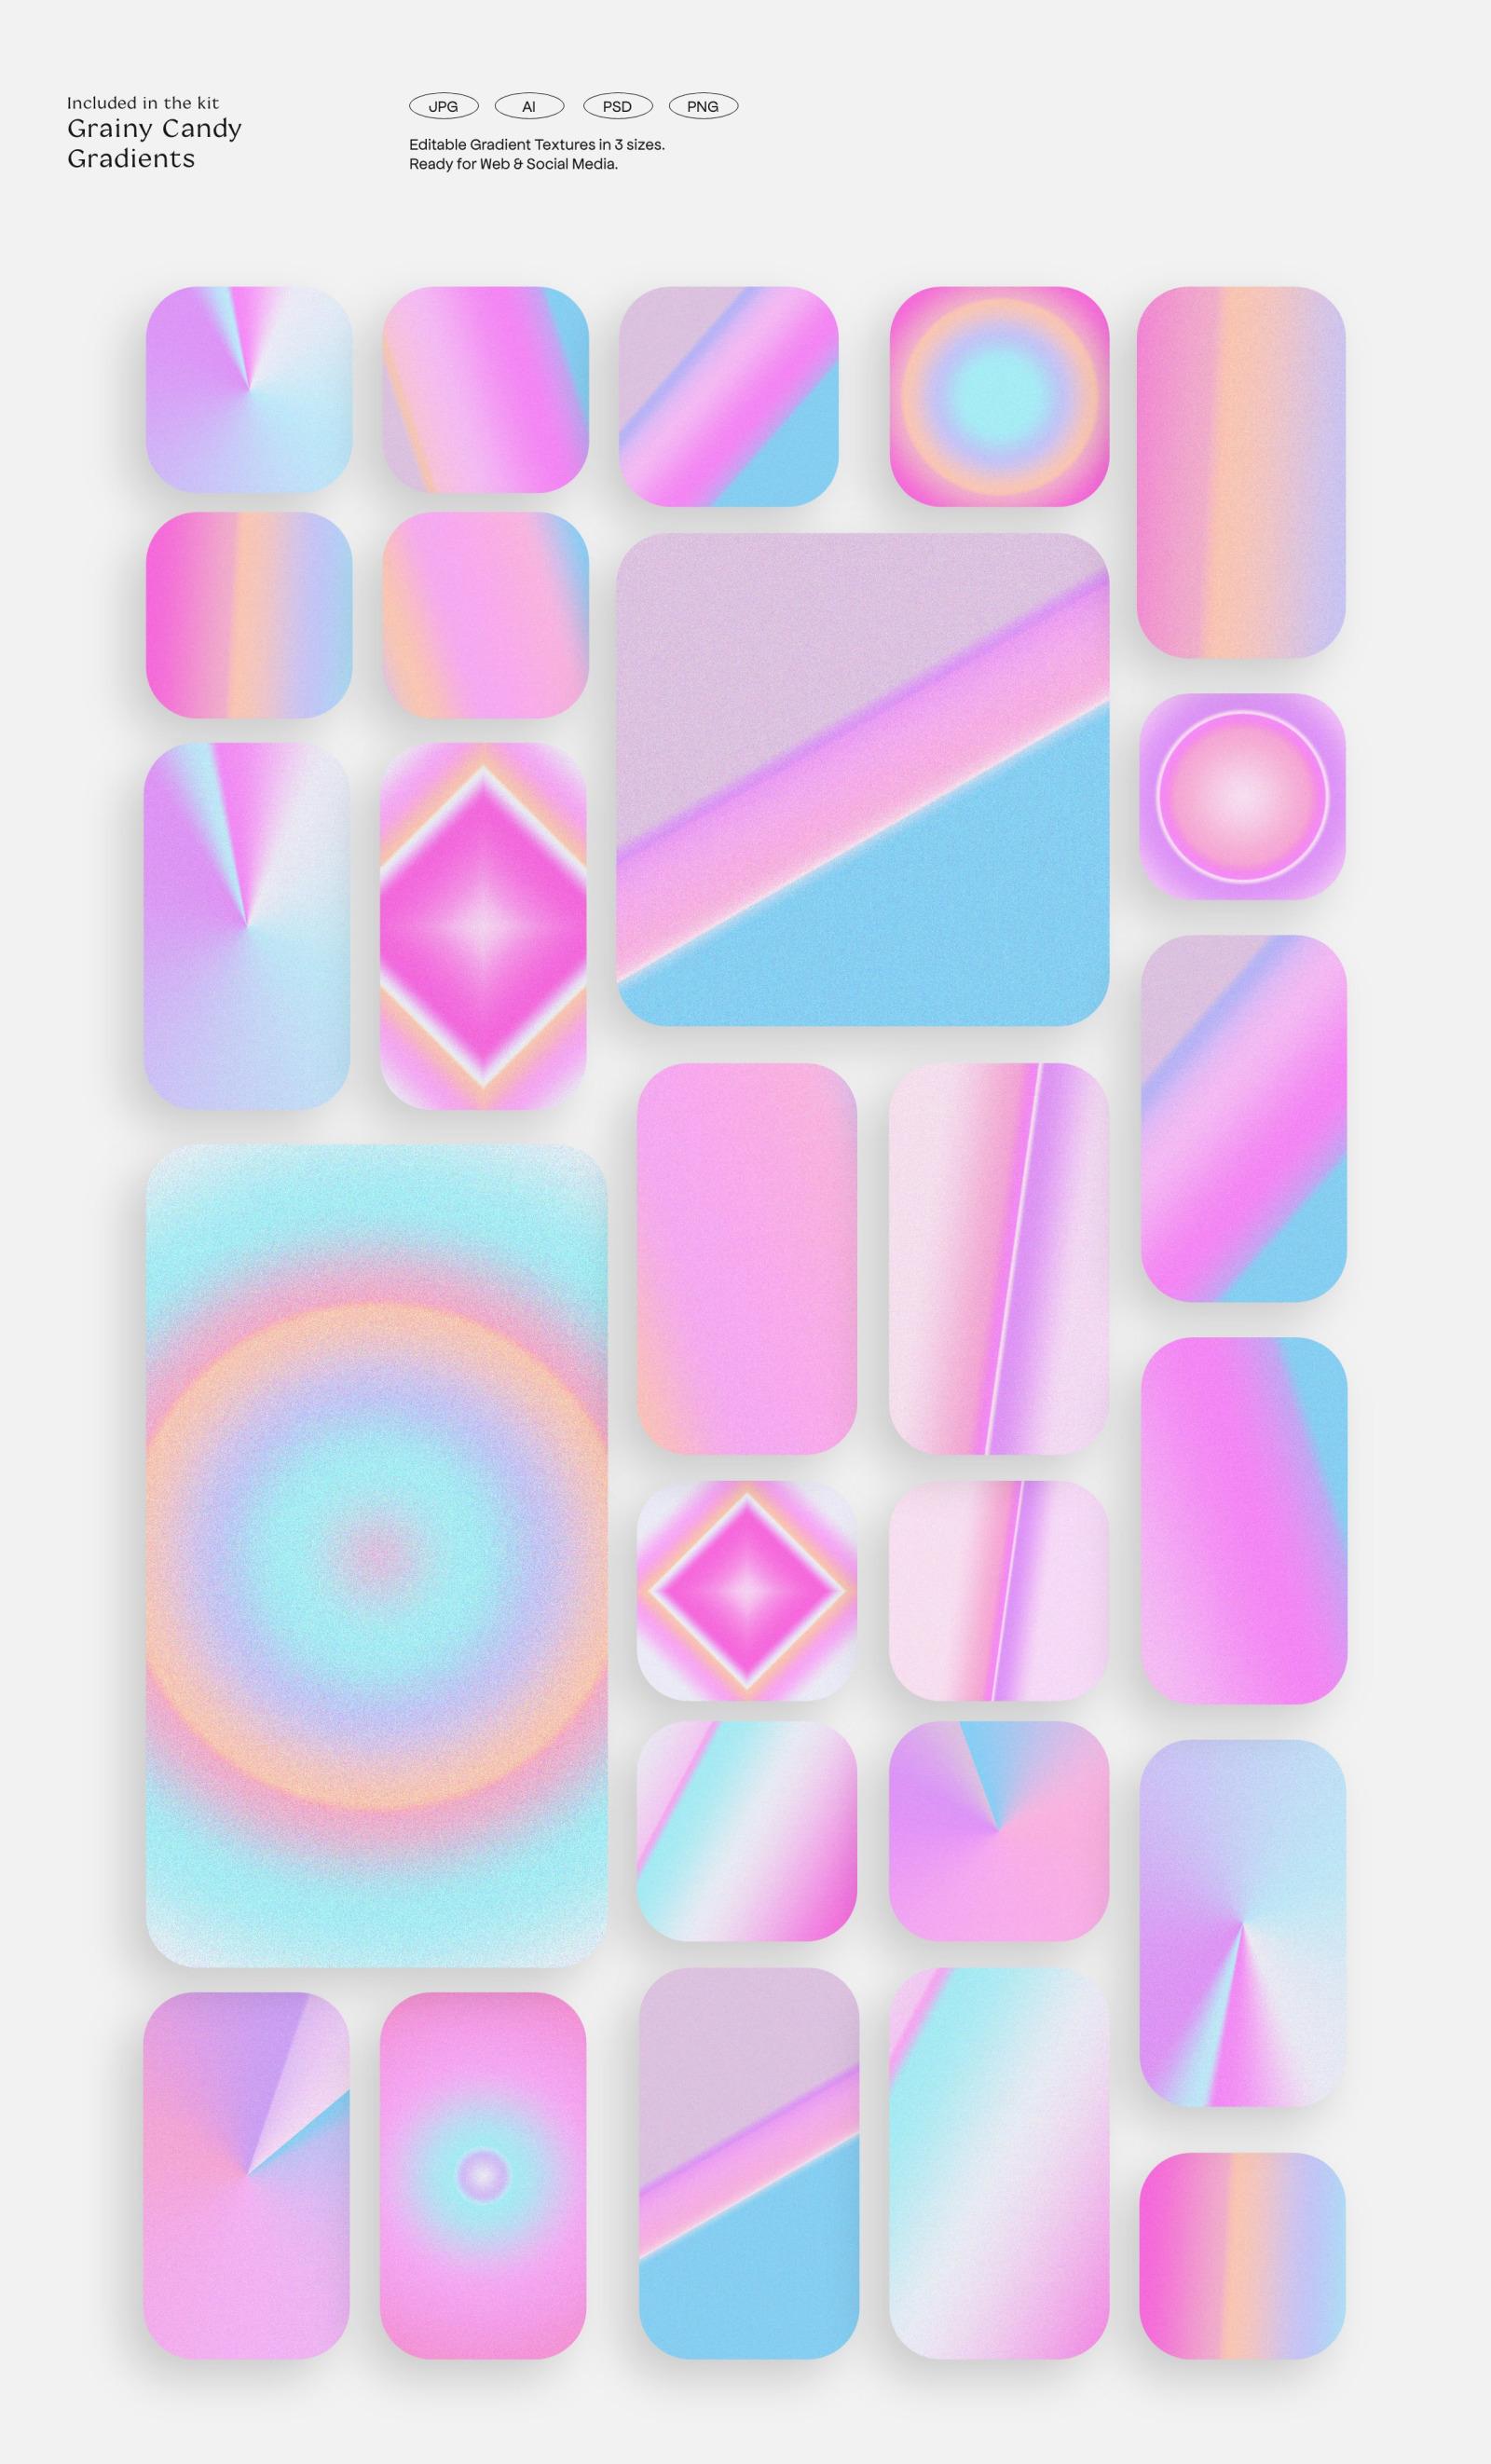 BUNDLE - LA Candy Gradients & Shapes